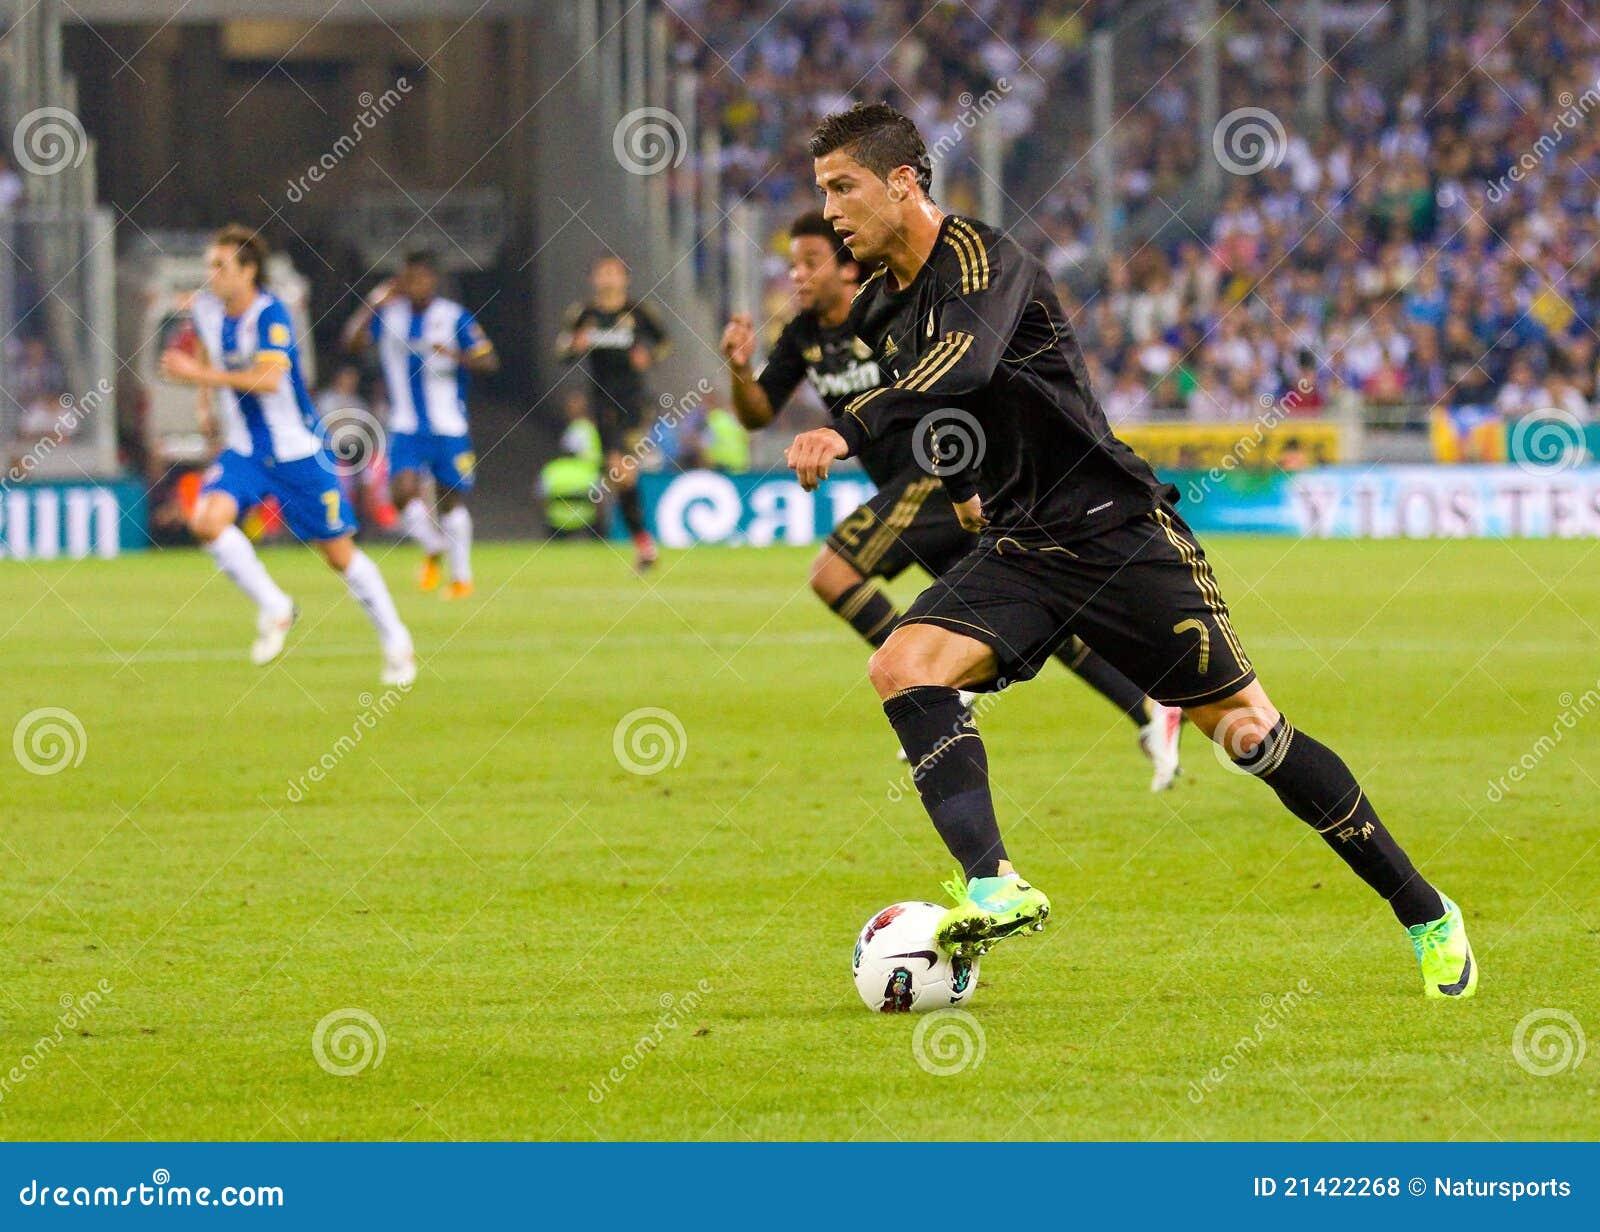 96276c1eff BARCELONA - OUTUBRO 2  Cristiano Ronaldo na ação durante a harmonia de liga  espanhola entre RCD Espanyol e Real Madrid